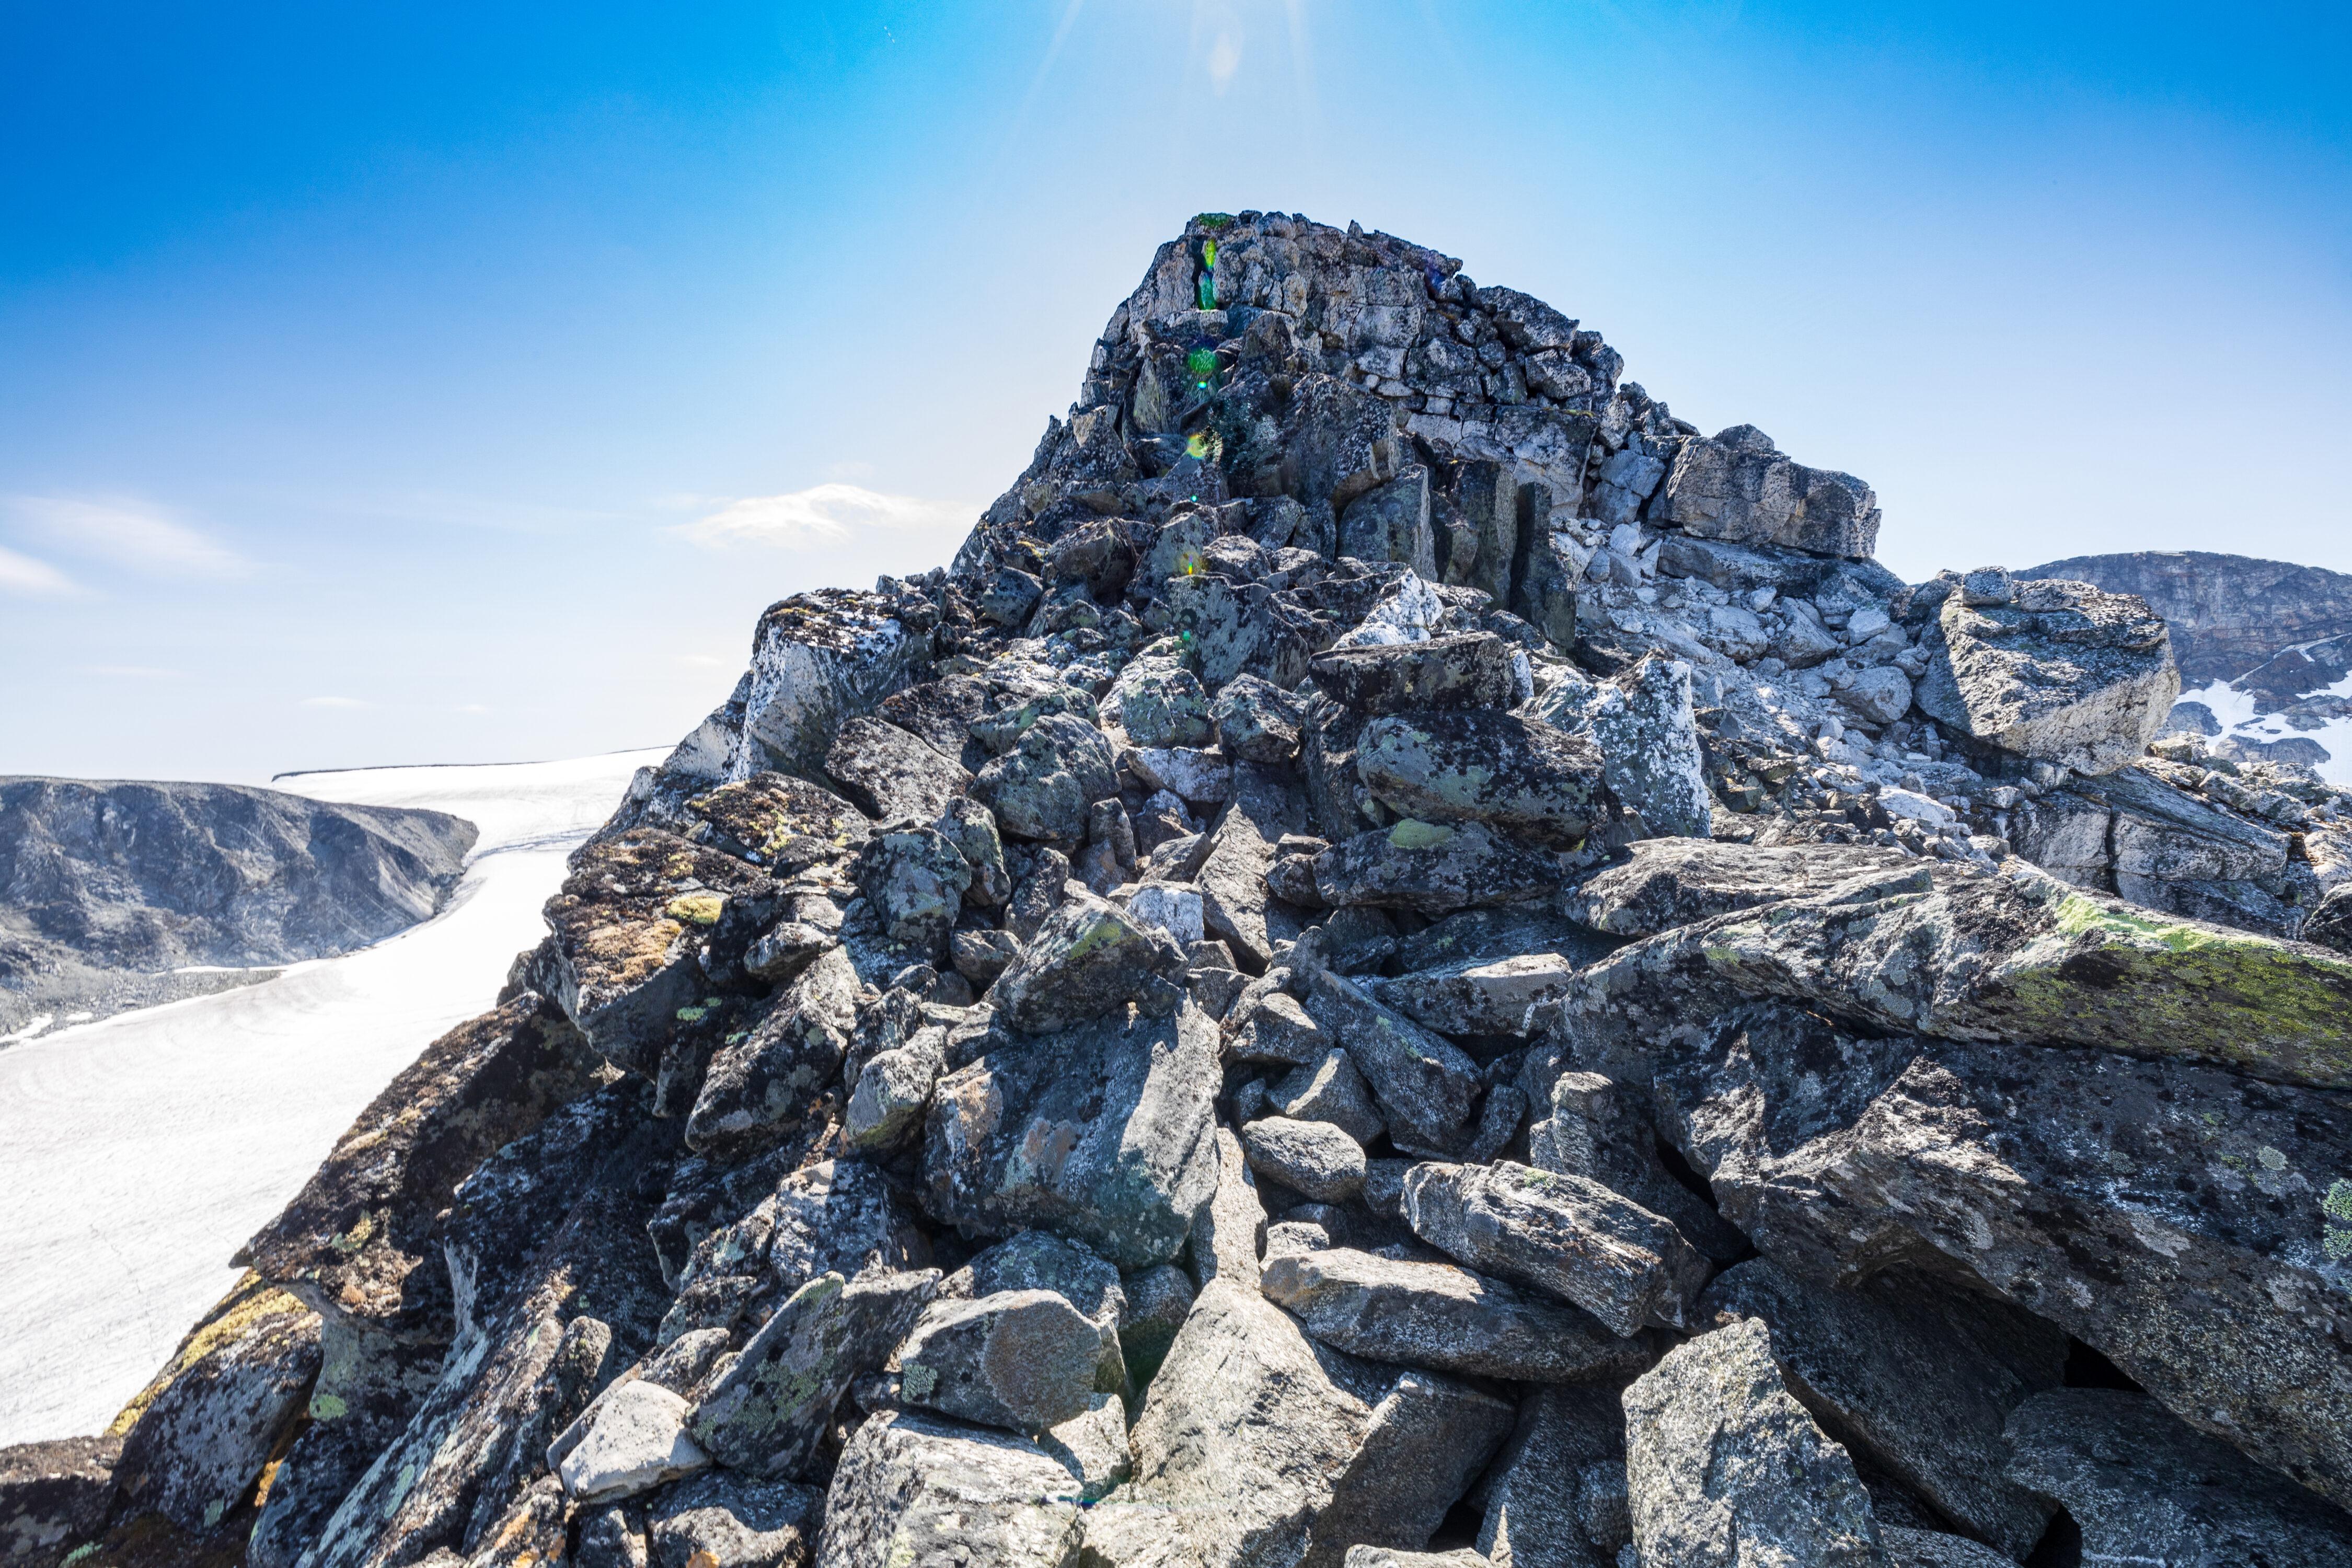 Et klyveparti like før toppen av Trollsetineggje omgås ved å holde mot vest.